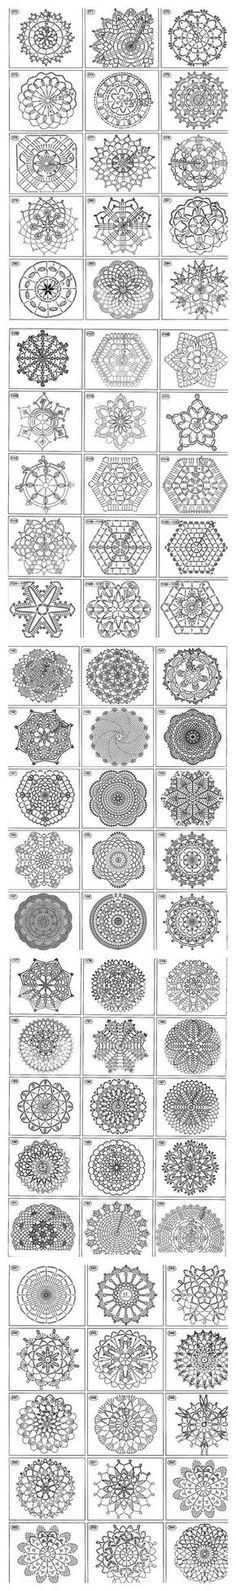 MARILAC ARTESANATOS: Lindos Pontos e Squares